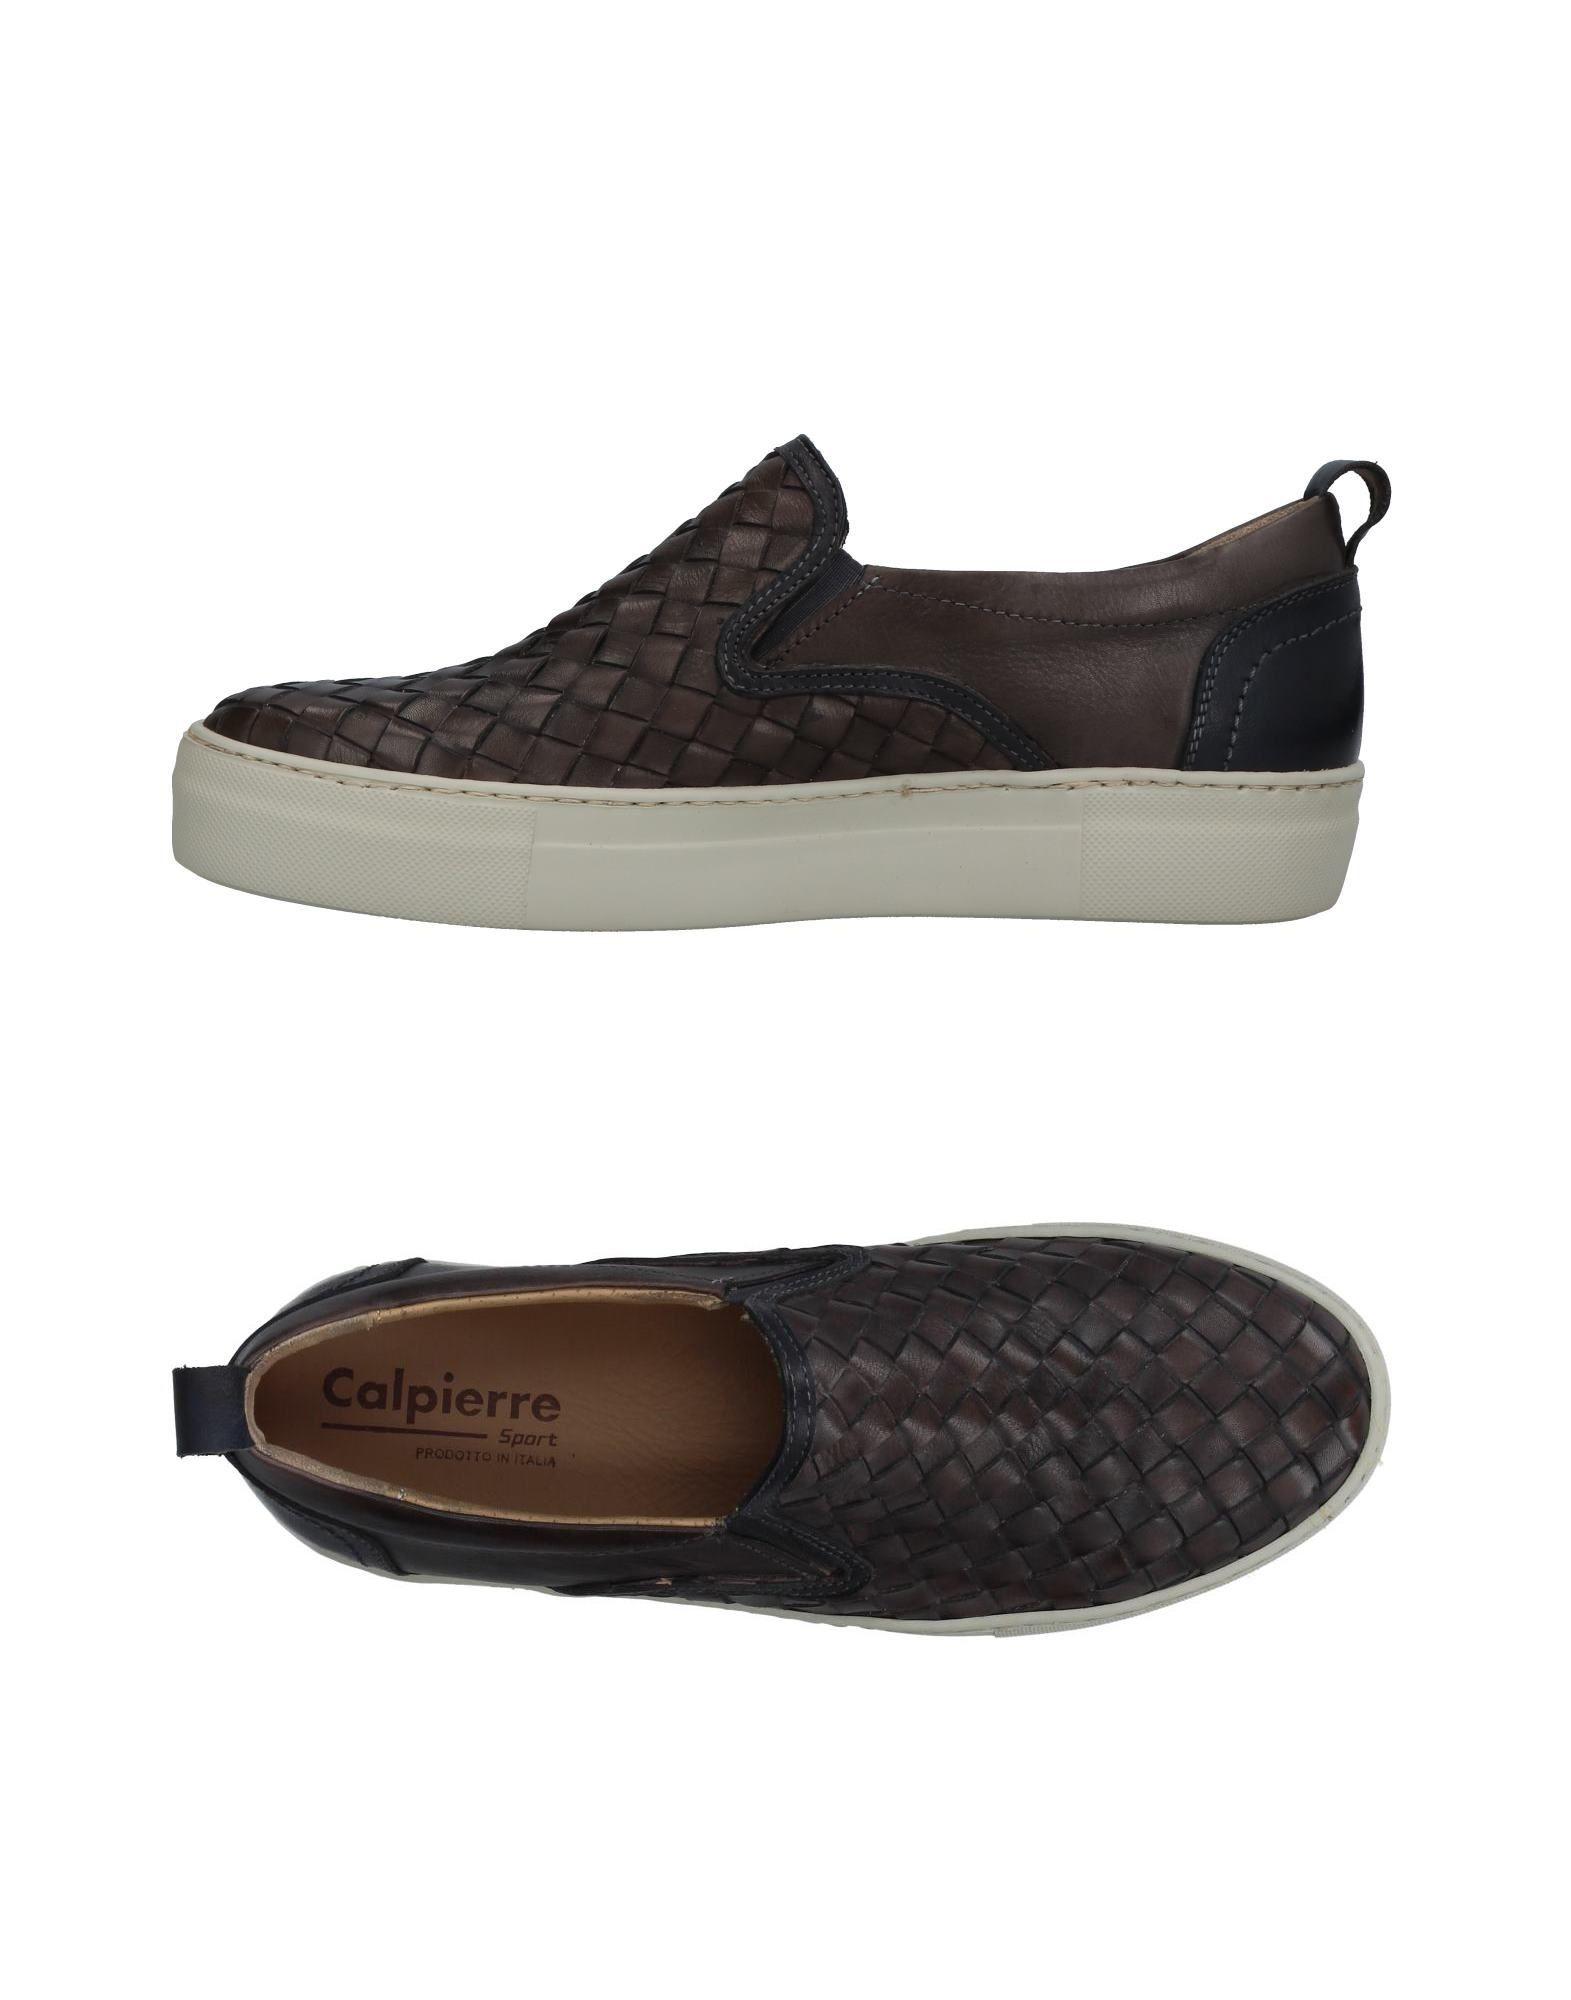 Scarpe economiche e resistenti Sneakers Calpierre Uomo - 11407698FM